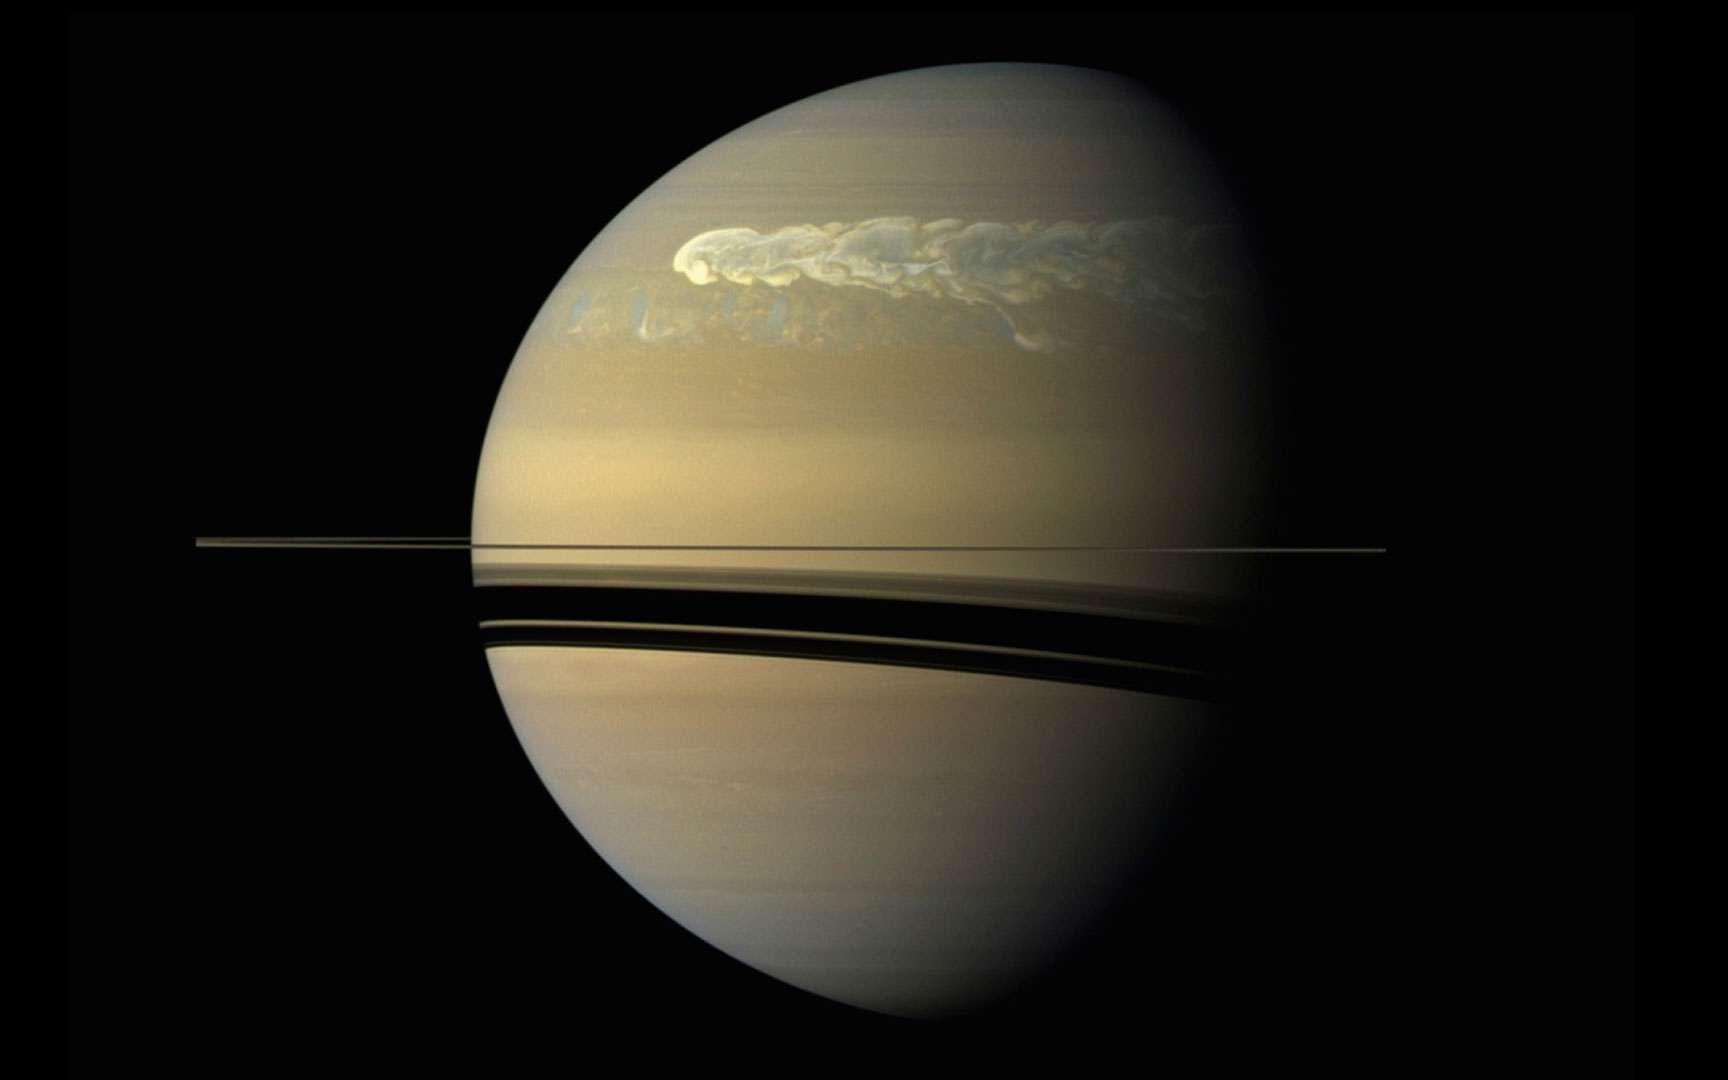 Une tempête géante filmée par Cassini entre 2010 et 2011. © Nasa, JPL, Space Science Institute